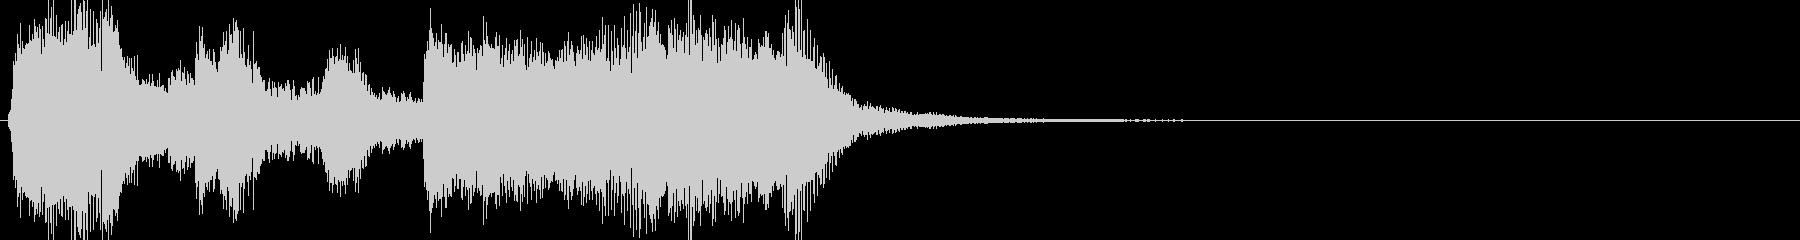 軽い/軽め/小さい ファンファーレ1の未再生の波形